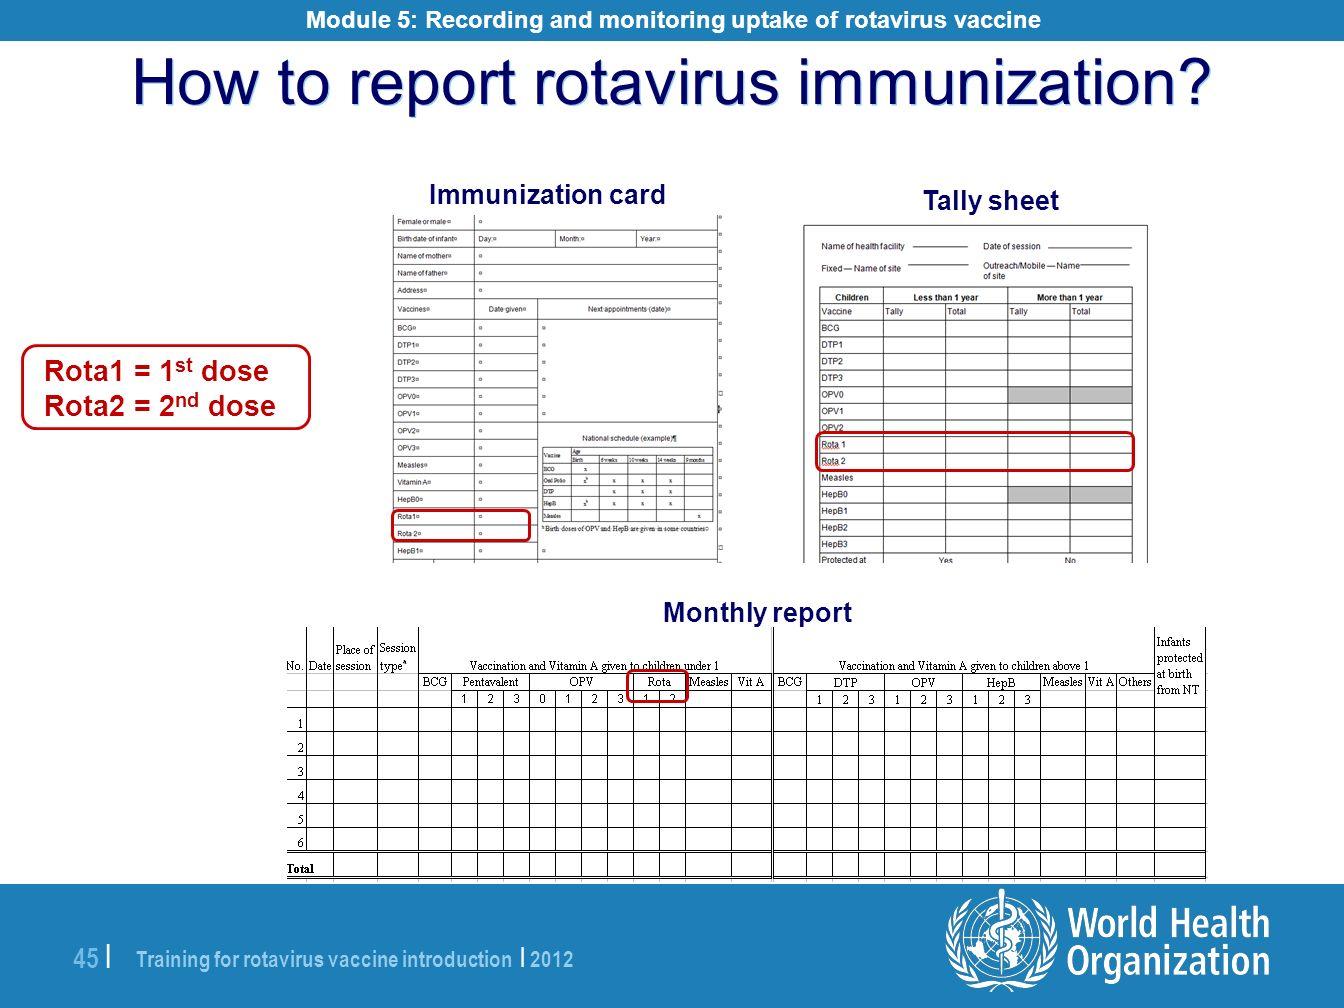 Module 5: Recording and monitoring uptake of rotavirus vaccine